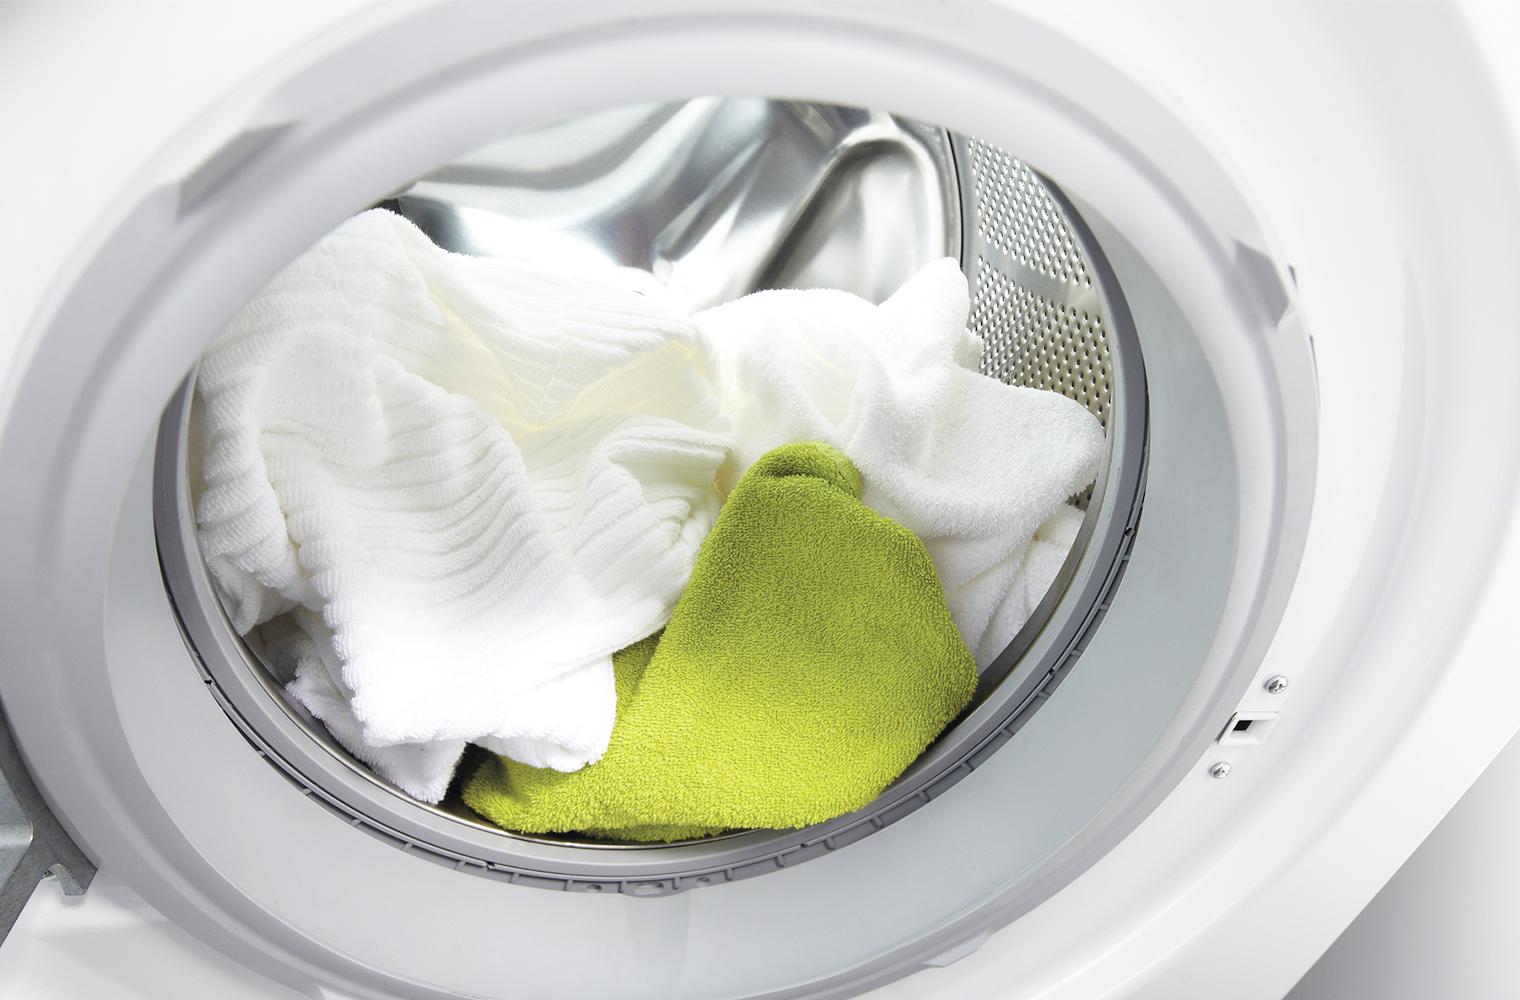 Как стирать одежду: дезинфекция в стиральной машине